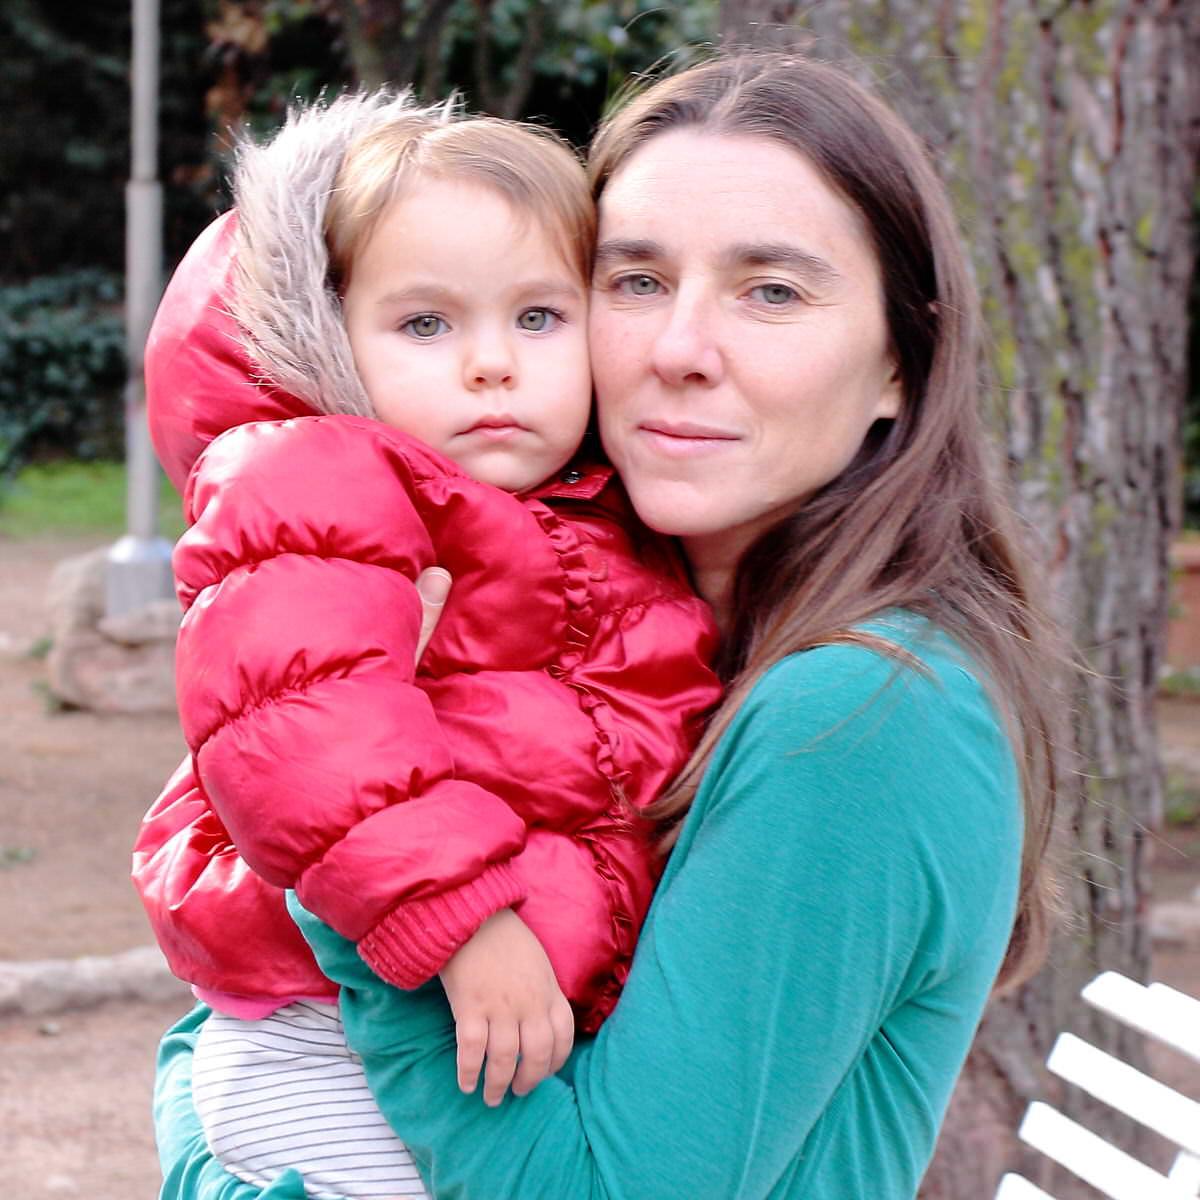 Madre con bebé lactante de 20 meses eximida de comparecer como vocal.